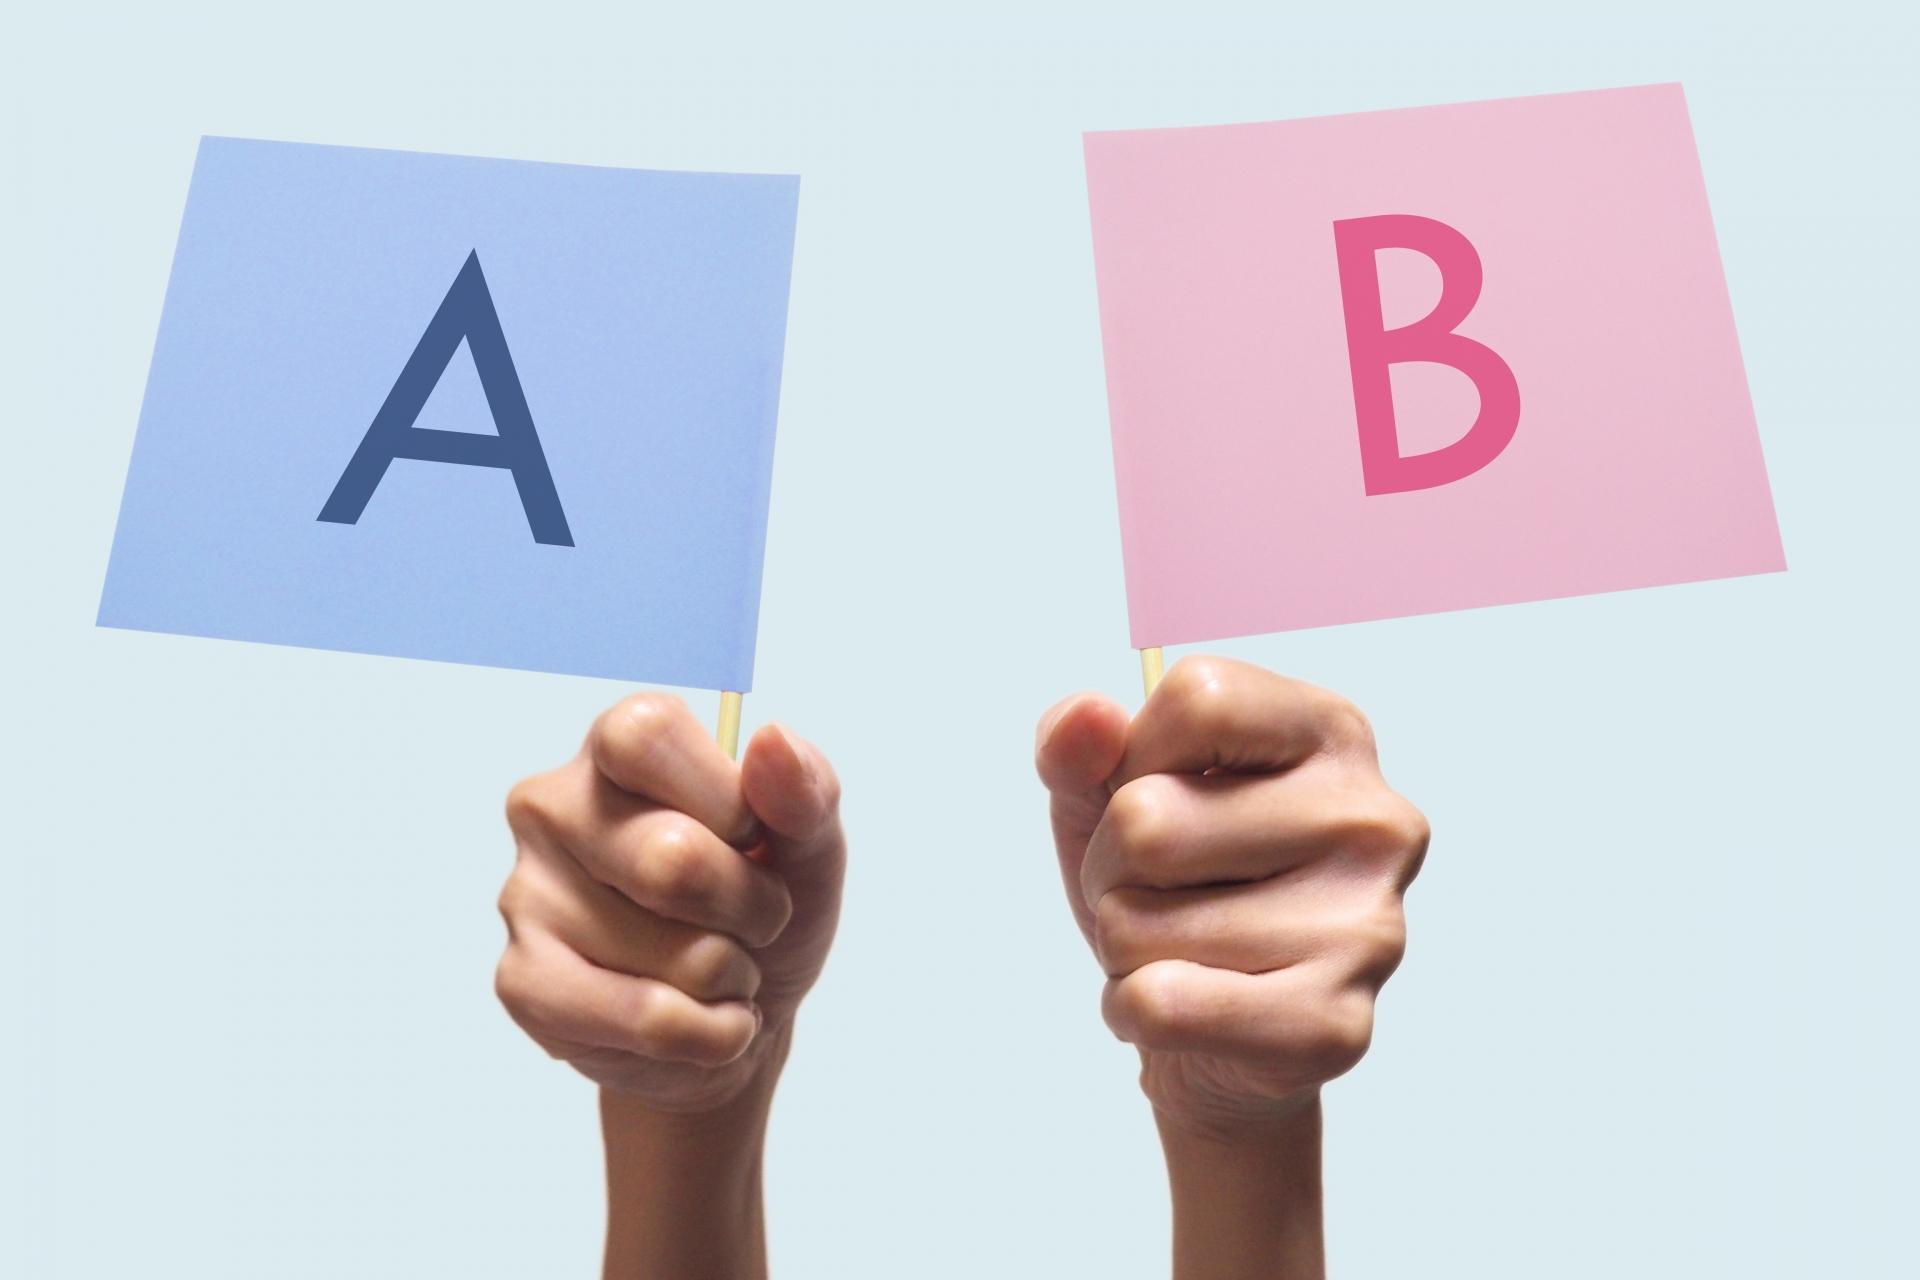 メールマーケティングの効果を上げるためにABテストのやり方と方法を解説